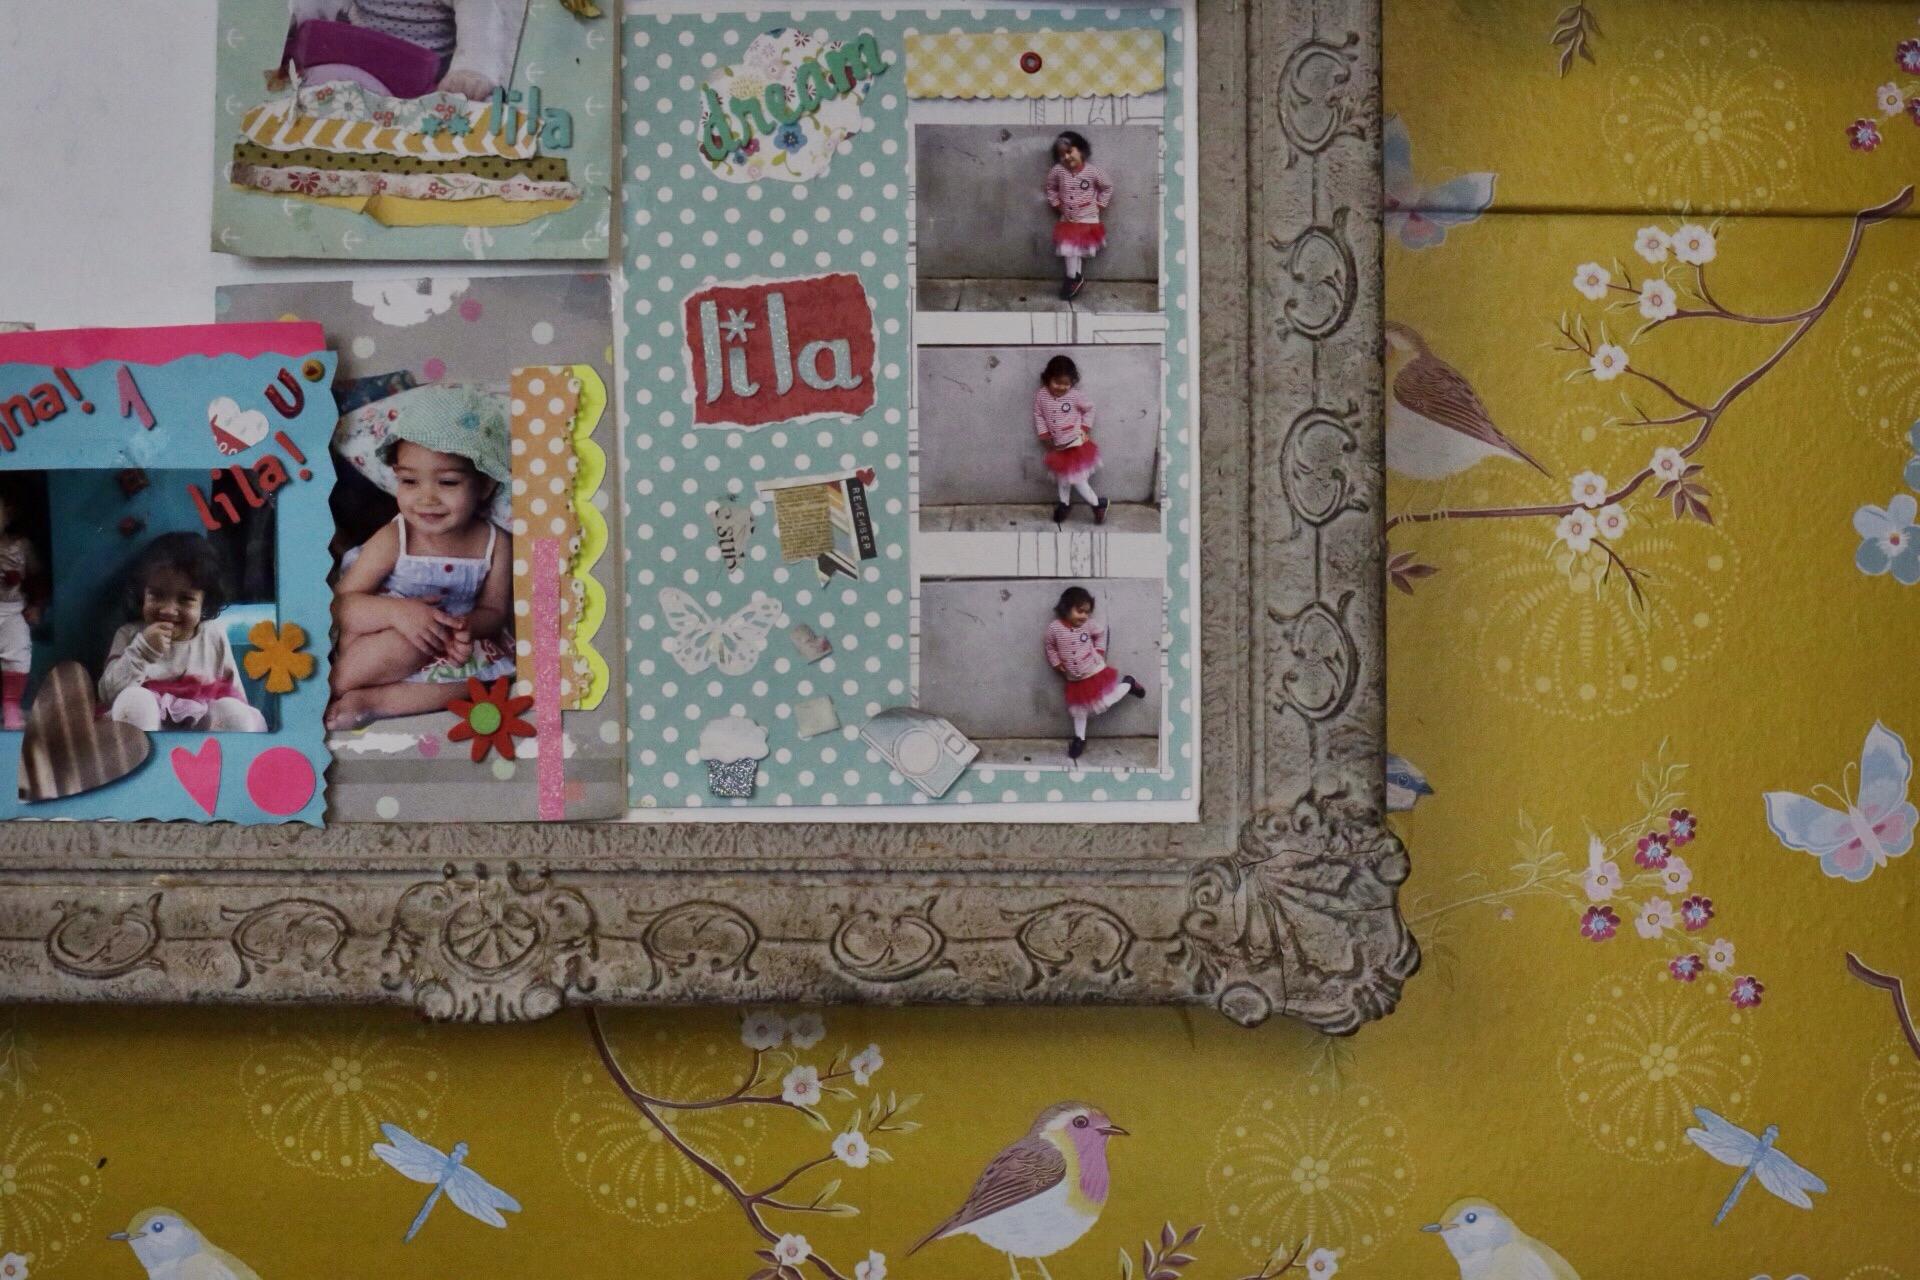 Un collage con su hija Lila